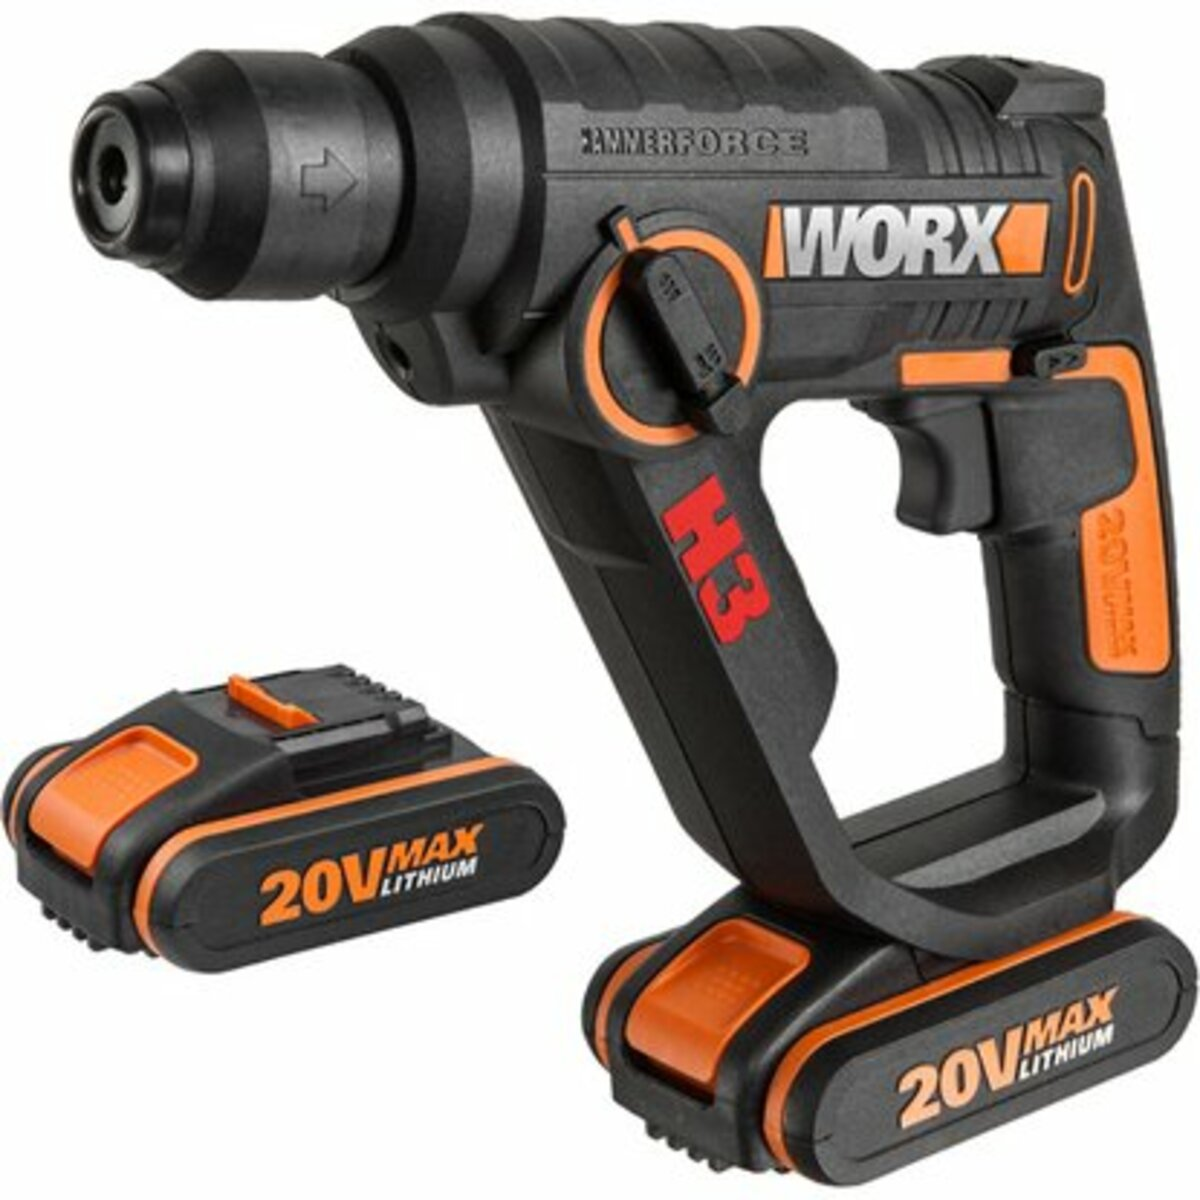 Bild 1 von Worx Akku-Bohrhammer 3-in-1 20 V WX390.1